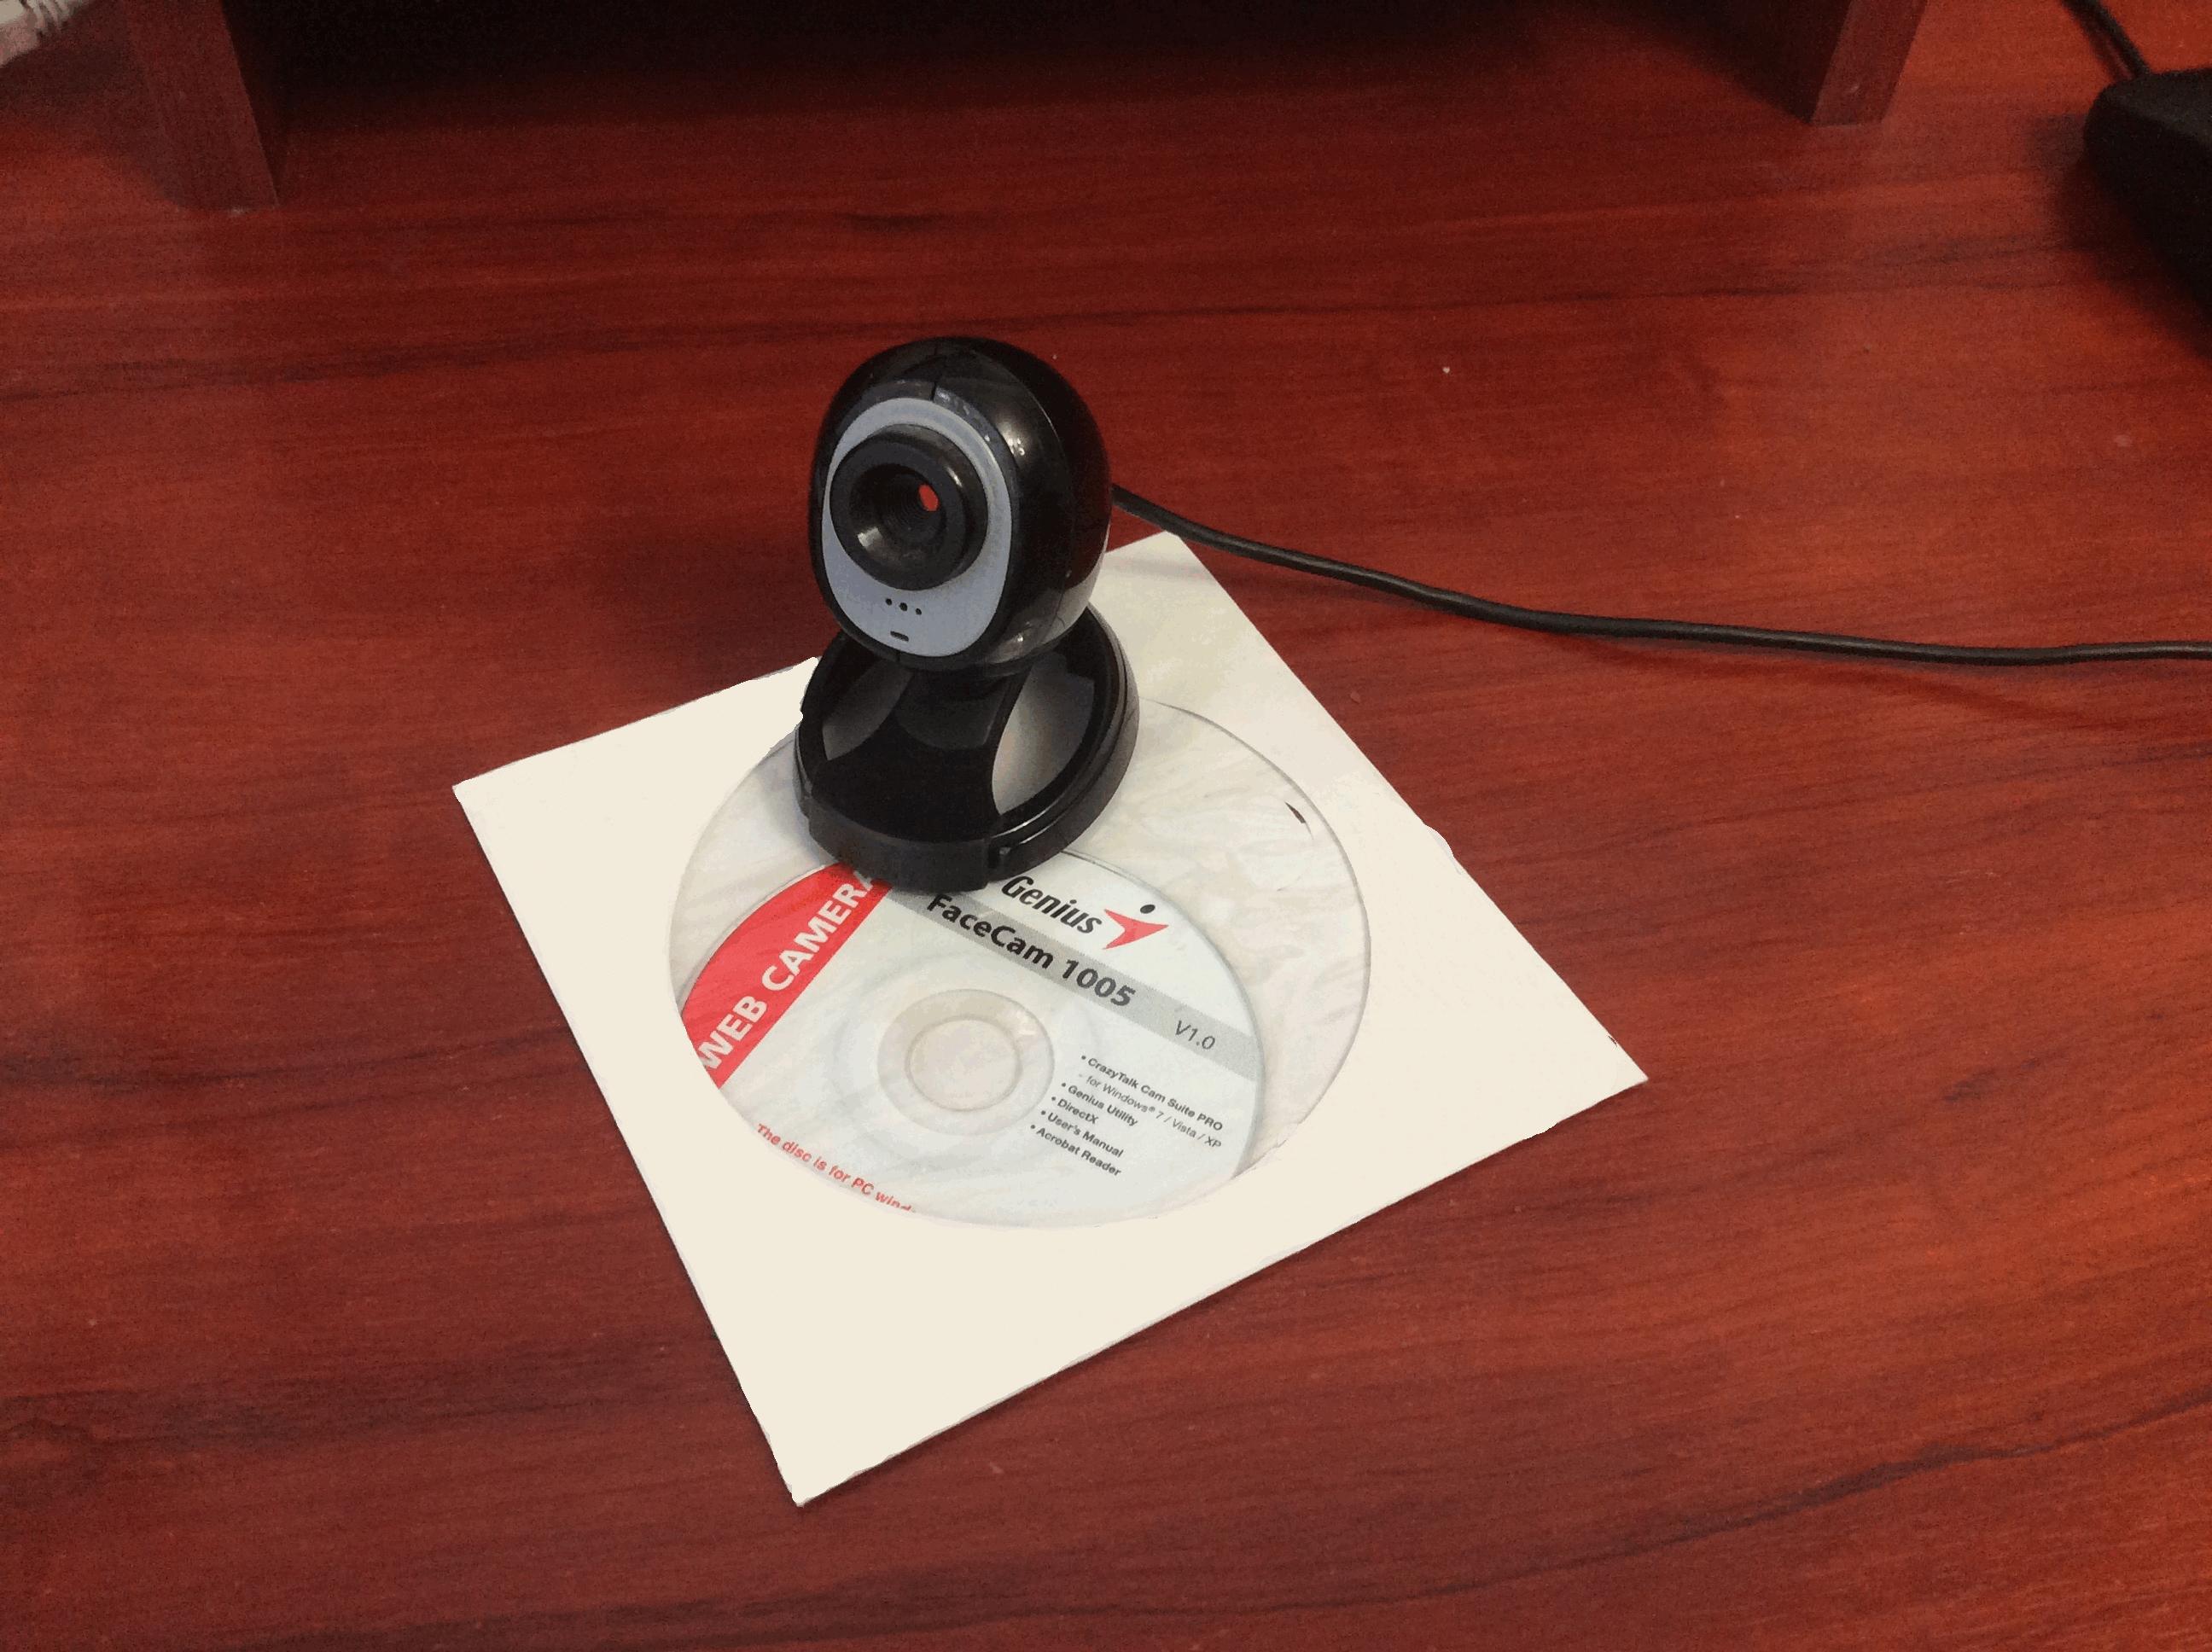 Вставляем диск с драйверами в CD-привод на ПК, который идет в комплекте с веб-камерой